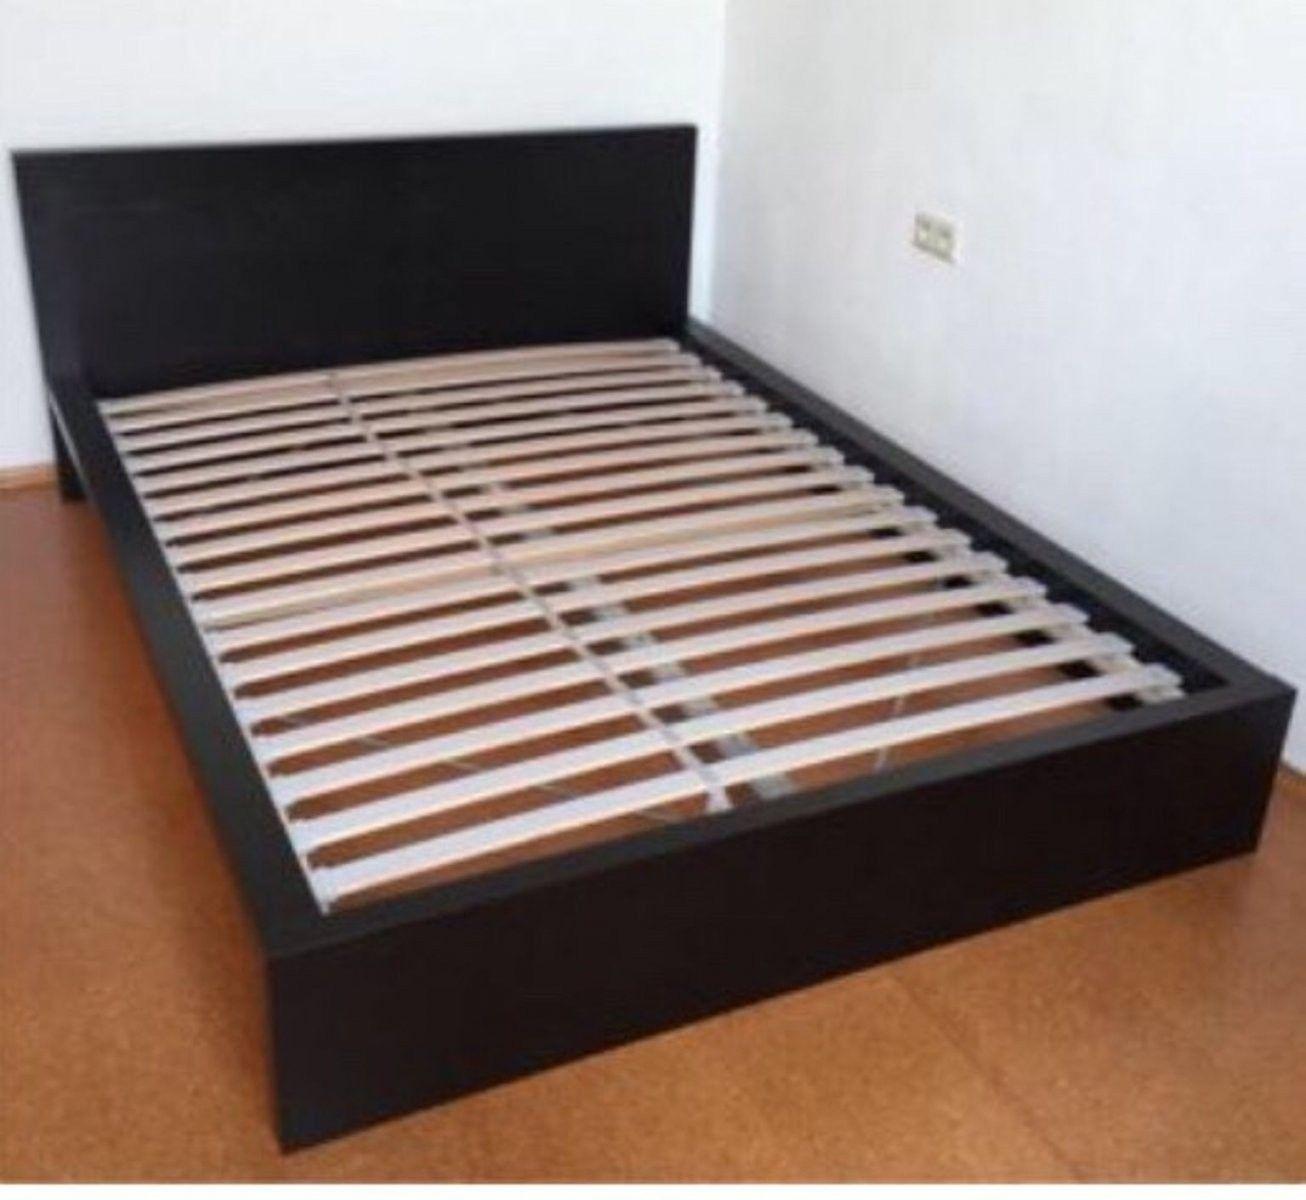 Gebraucht Malm Bett Flach Schwarz 140x200 In 6020 Innsbruck Um Von Bettgestell 140x200 Gebraucht Bild In 2020 Bettgestell Bett Big Sofa Mit Schlaffunktion